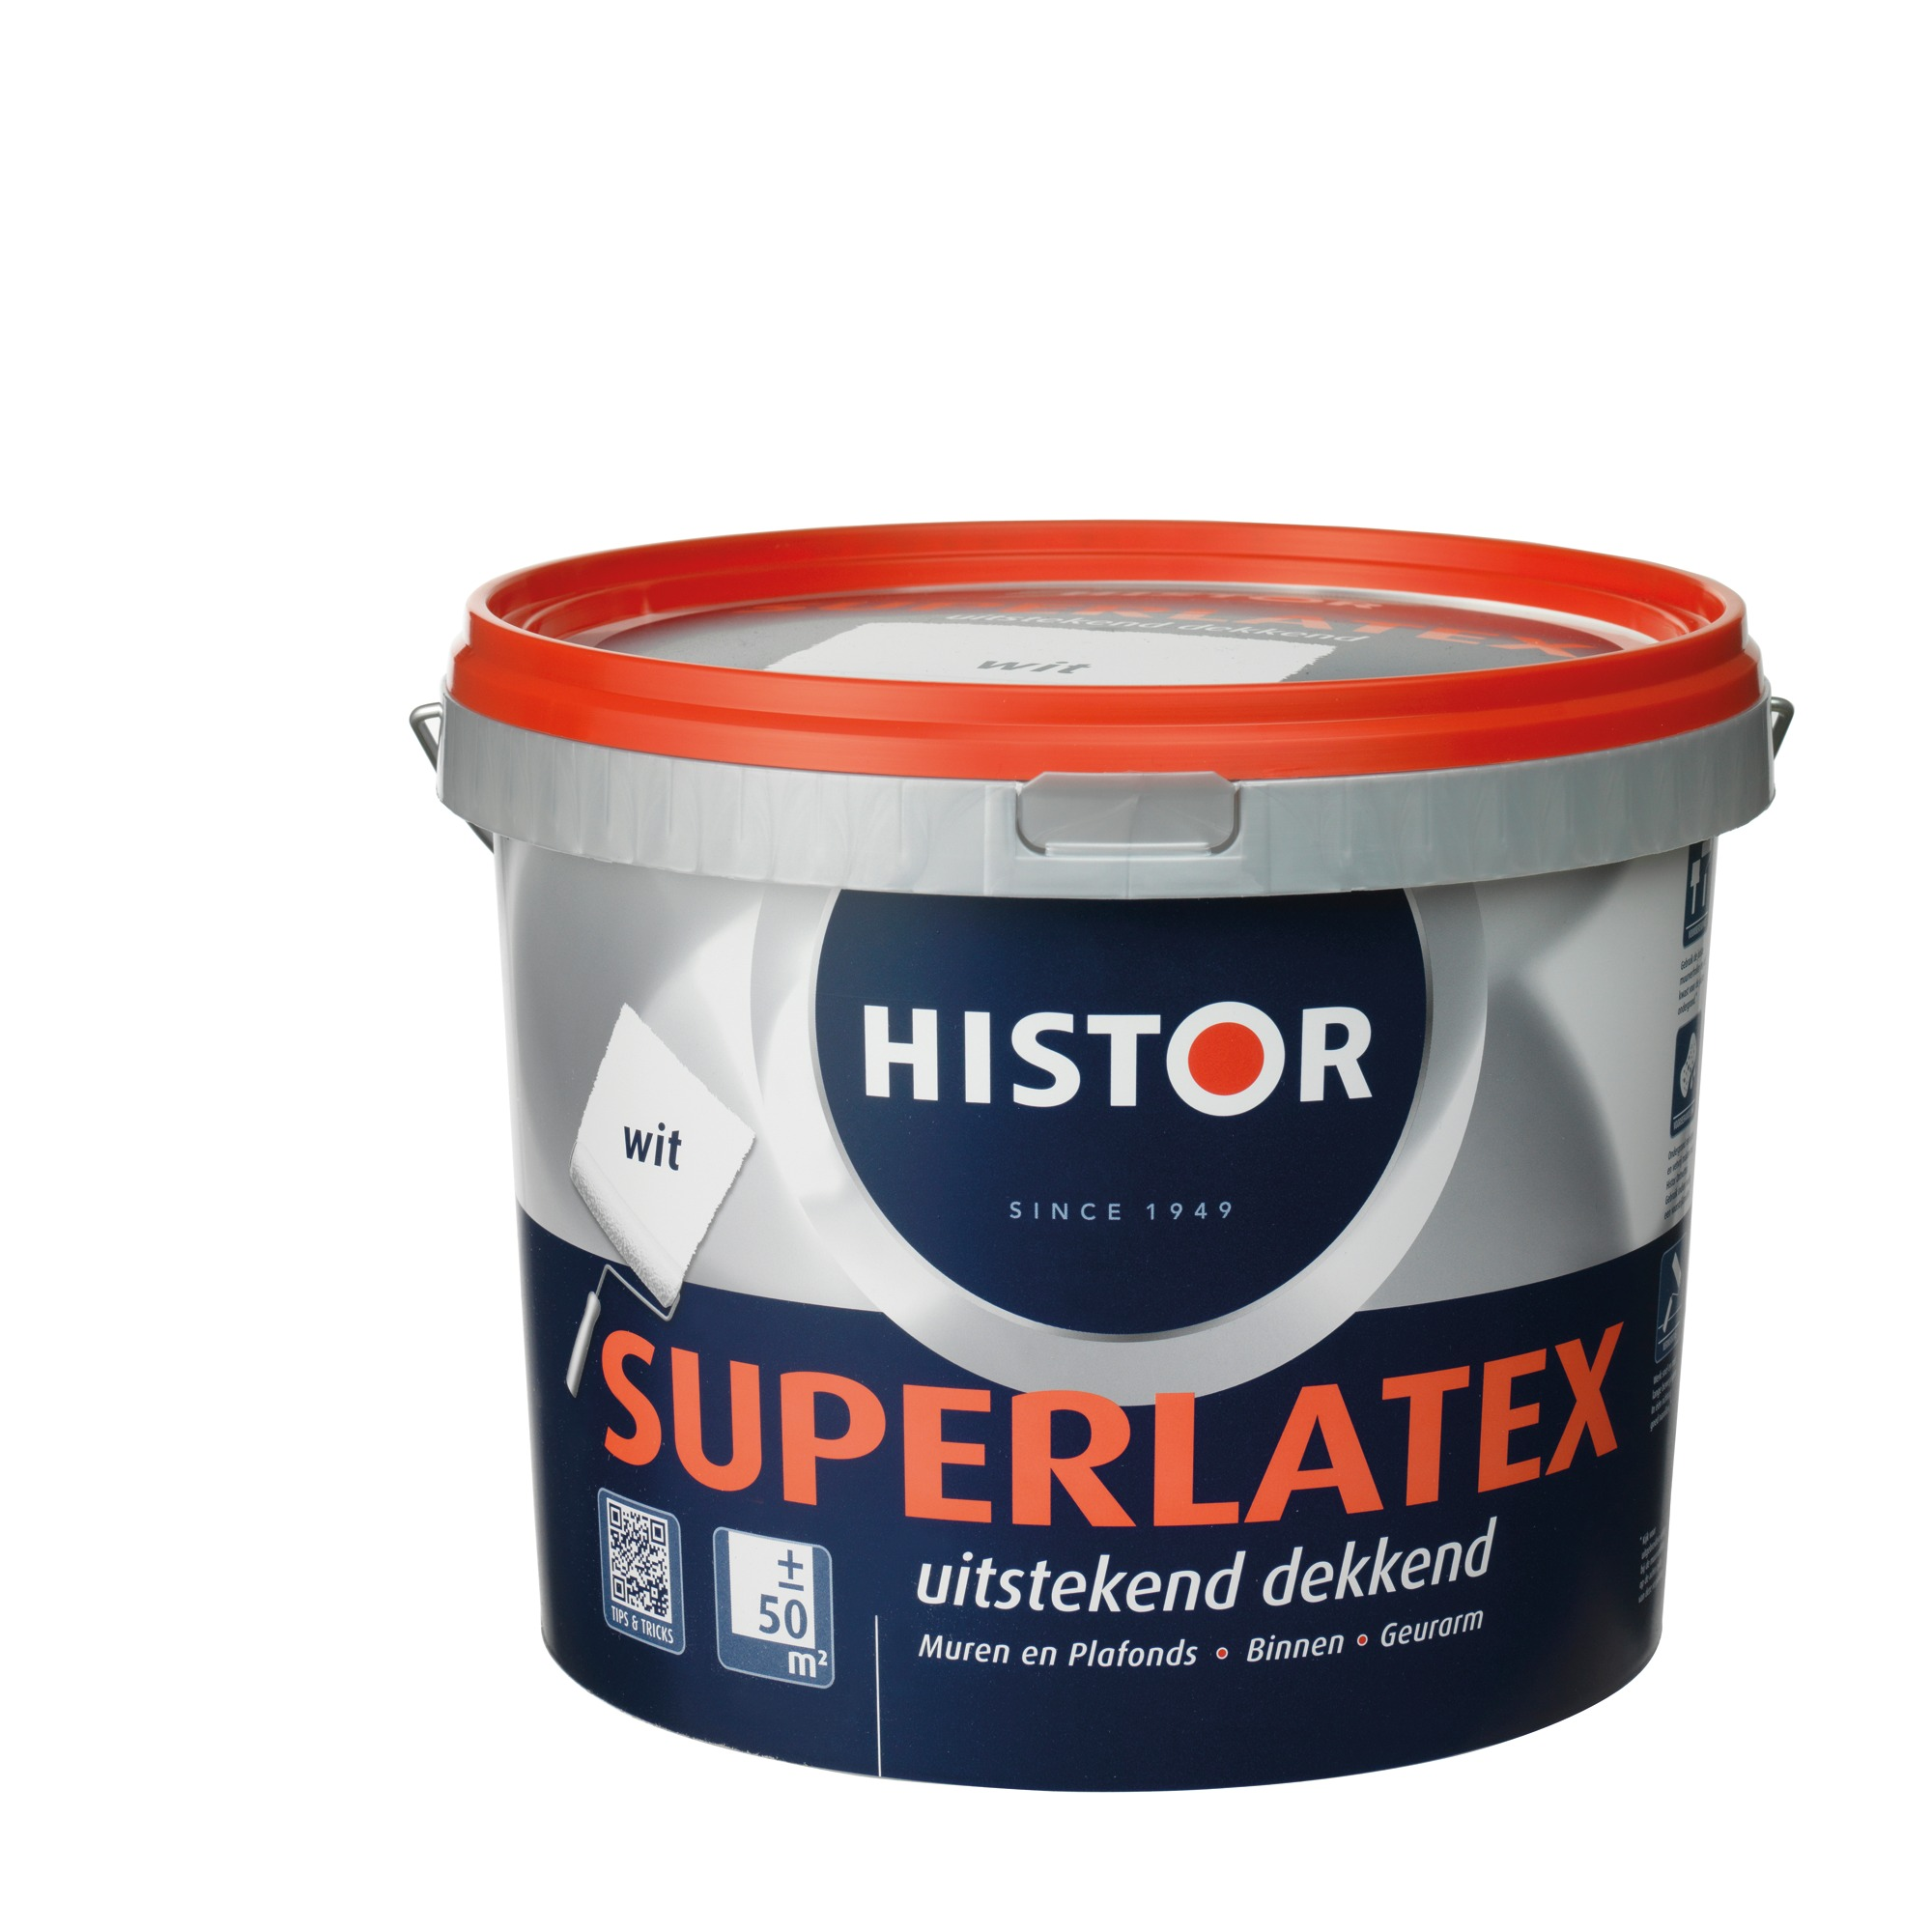 Histor Super latex muurverf mat wit 5 l